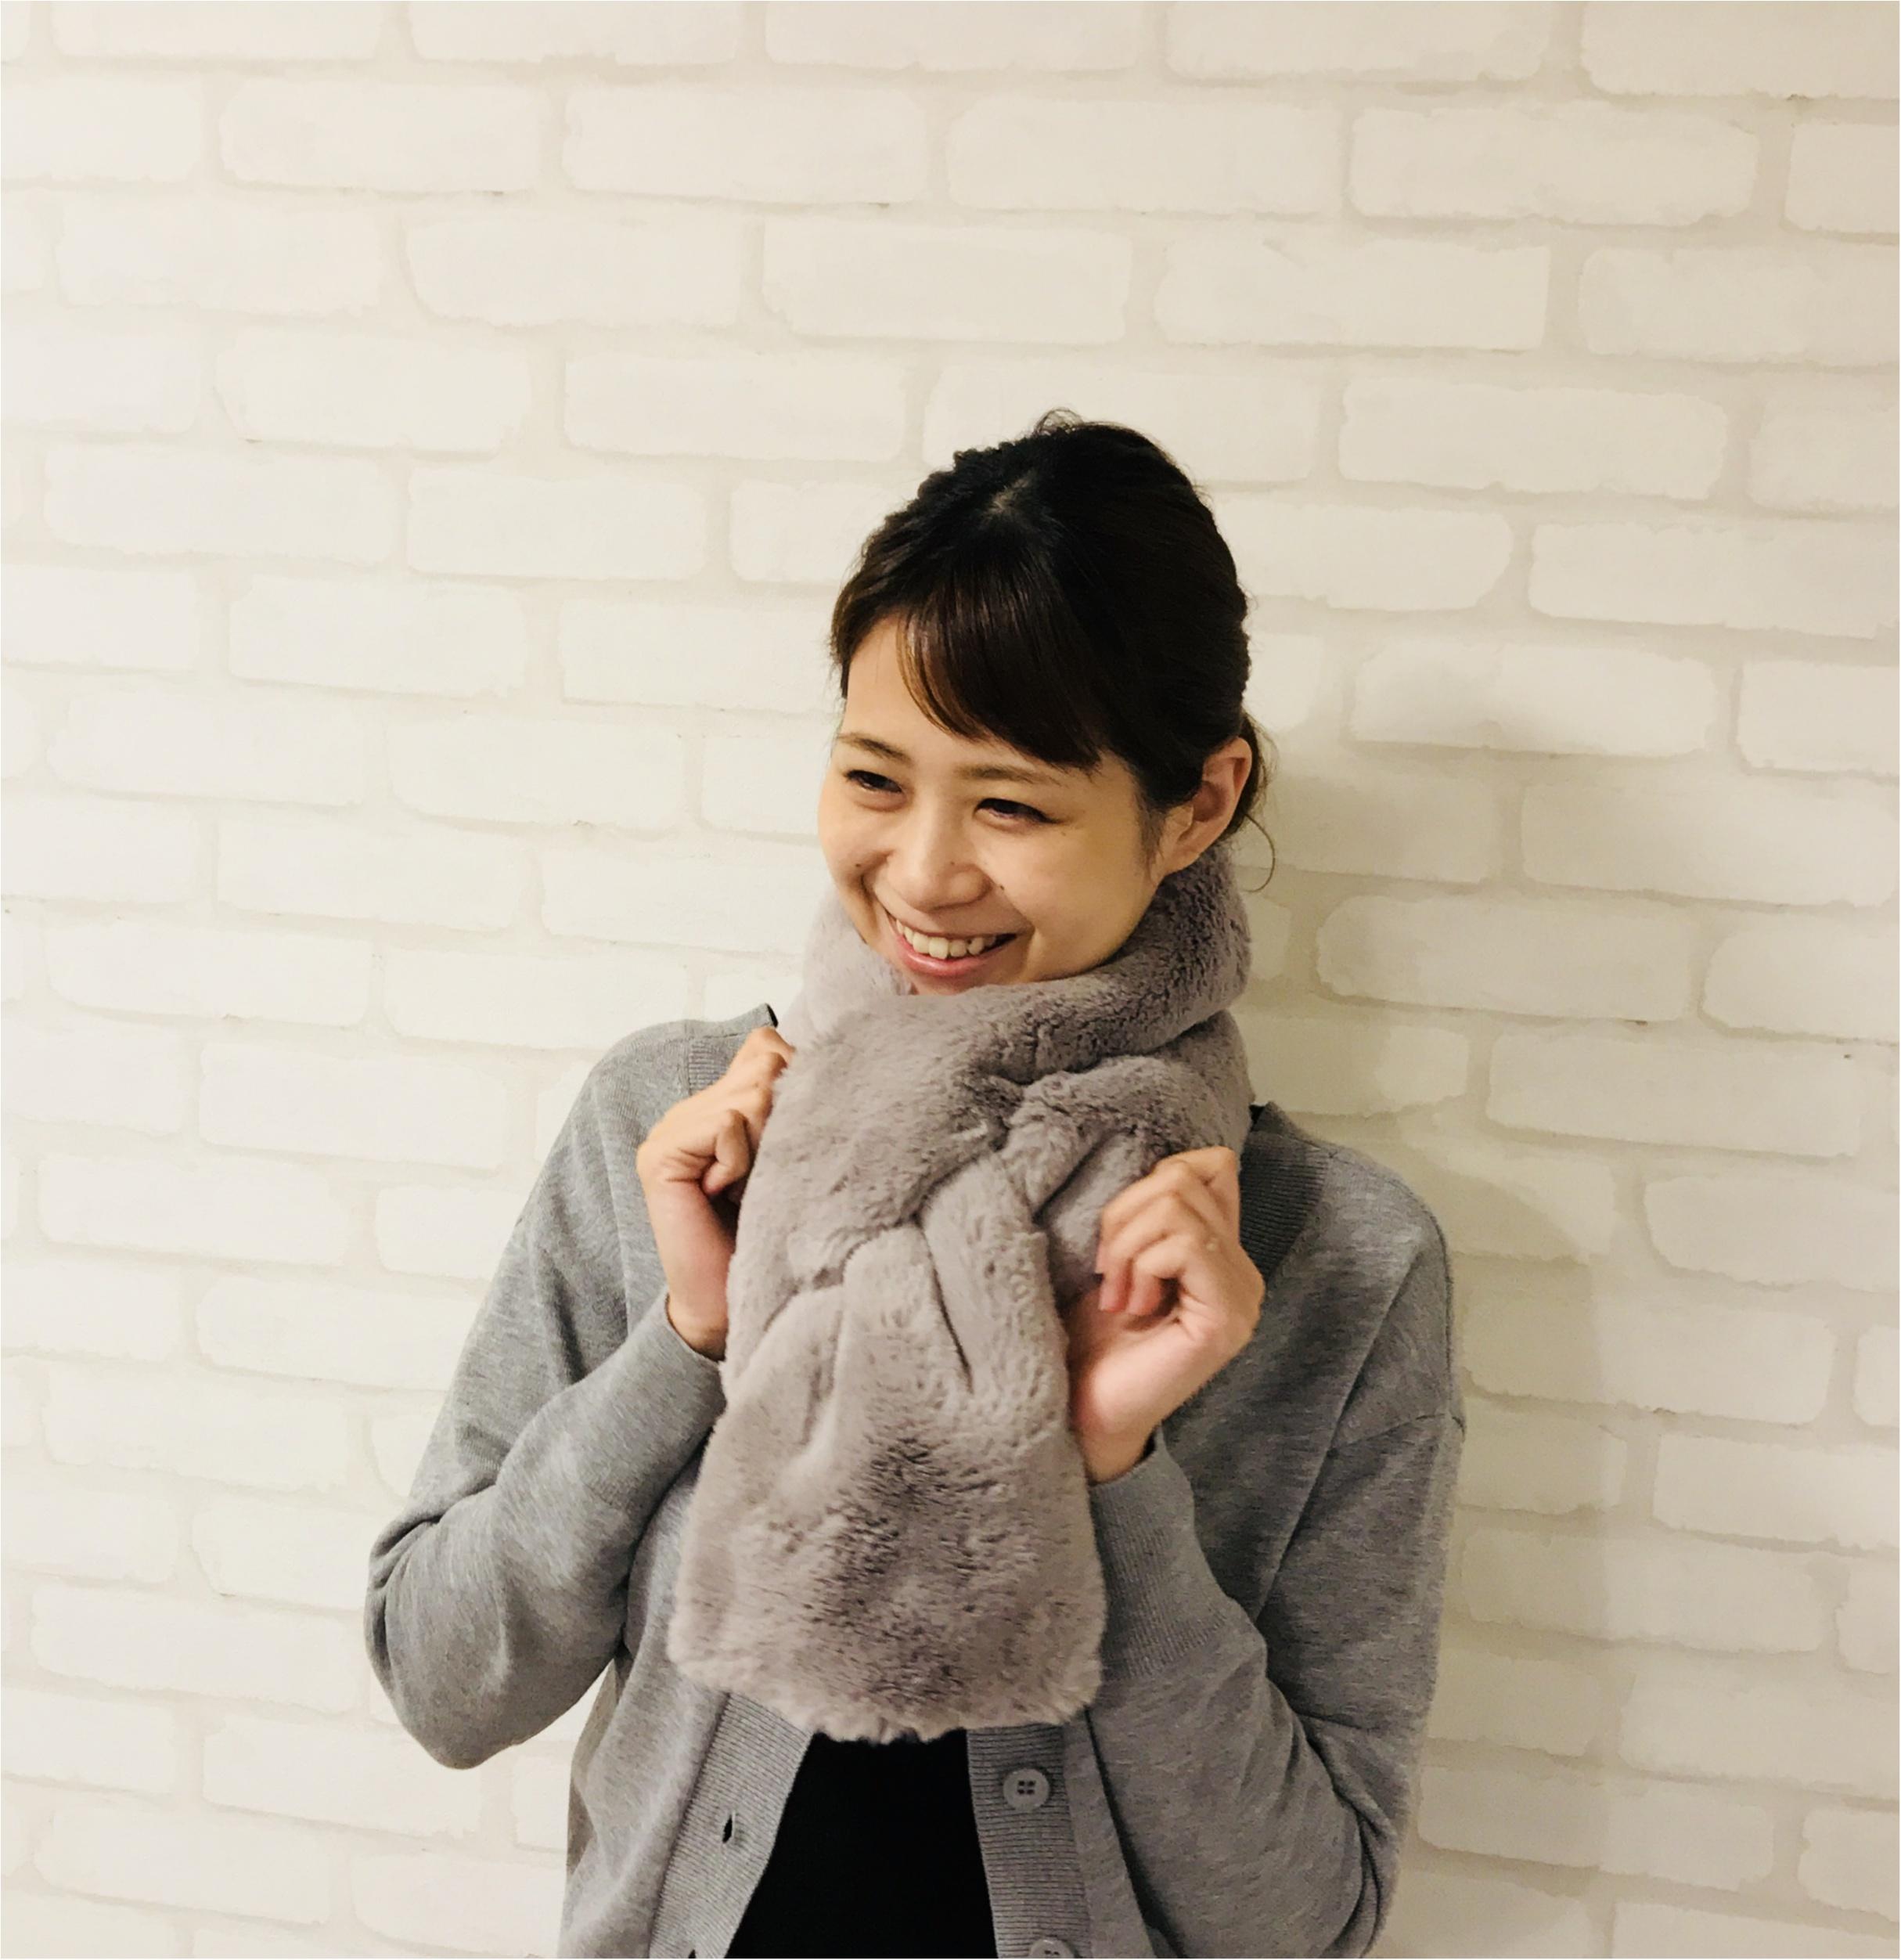 【 コーデ】組曲×MOREのコラボ♡ニットセットアップ&ファーティペットでMOREレディ♡_3